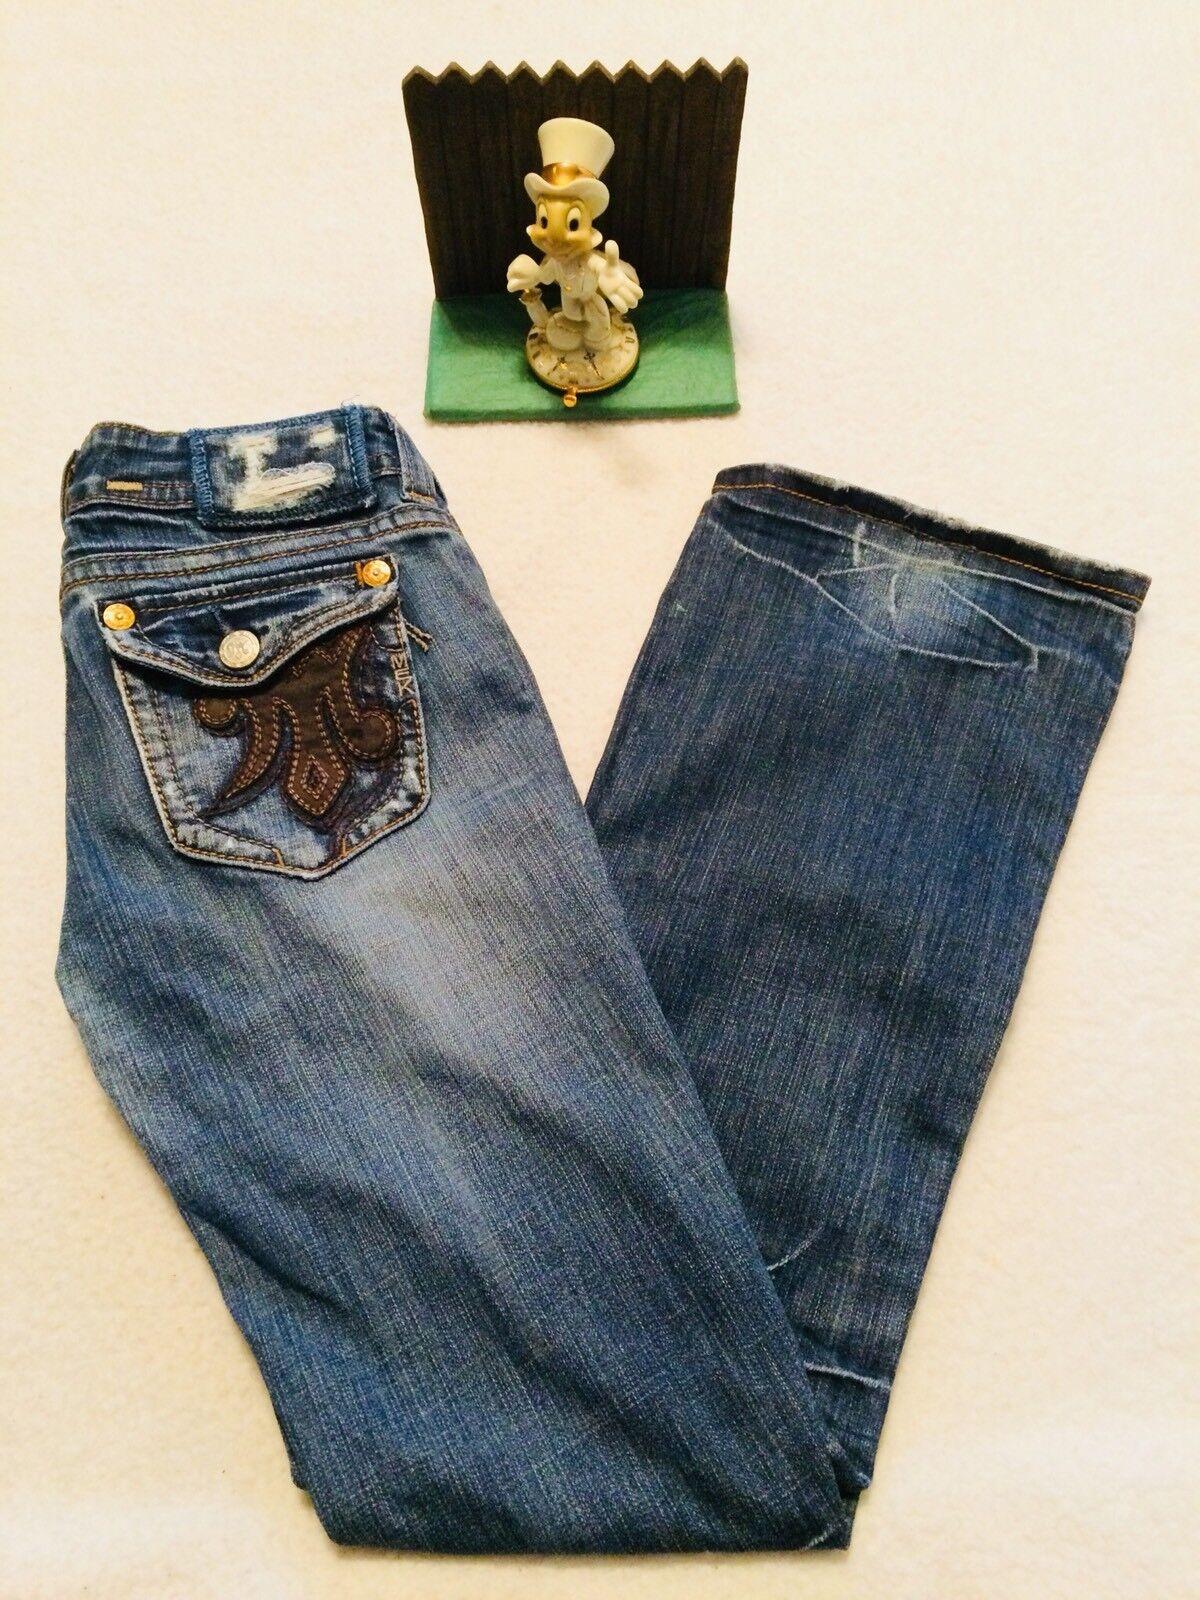 MEK  SINGAPORE  BOOT Cut bluee Jeans - Women Size 27   32 - Minimal Wear.. NICE